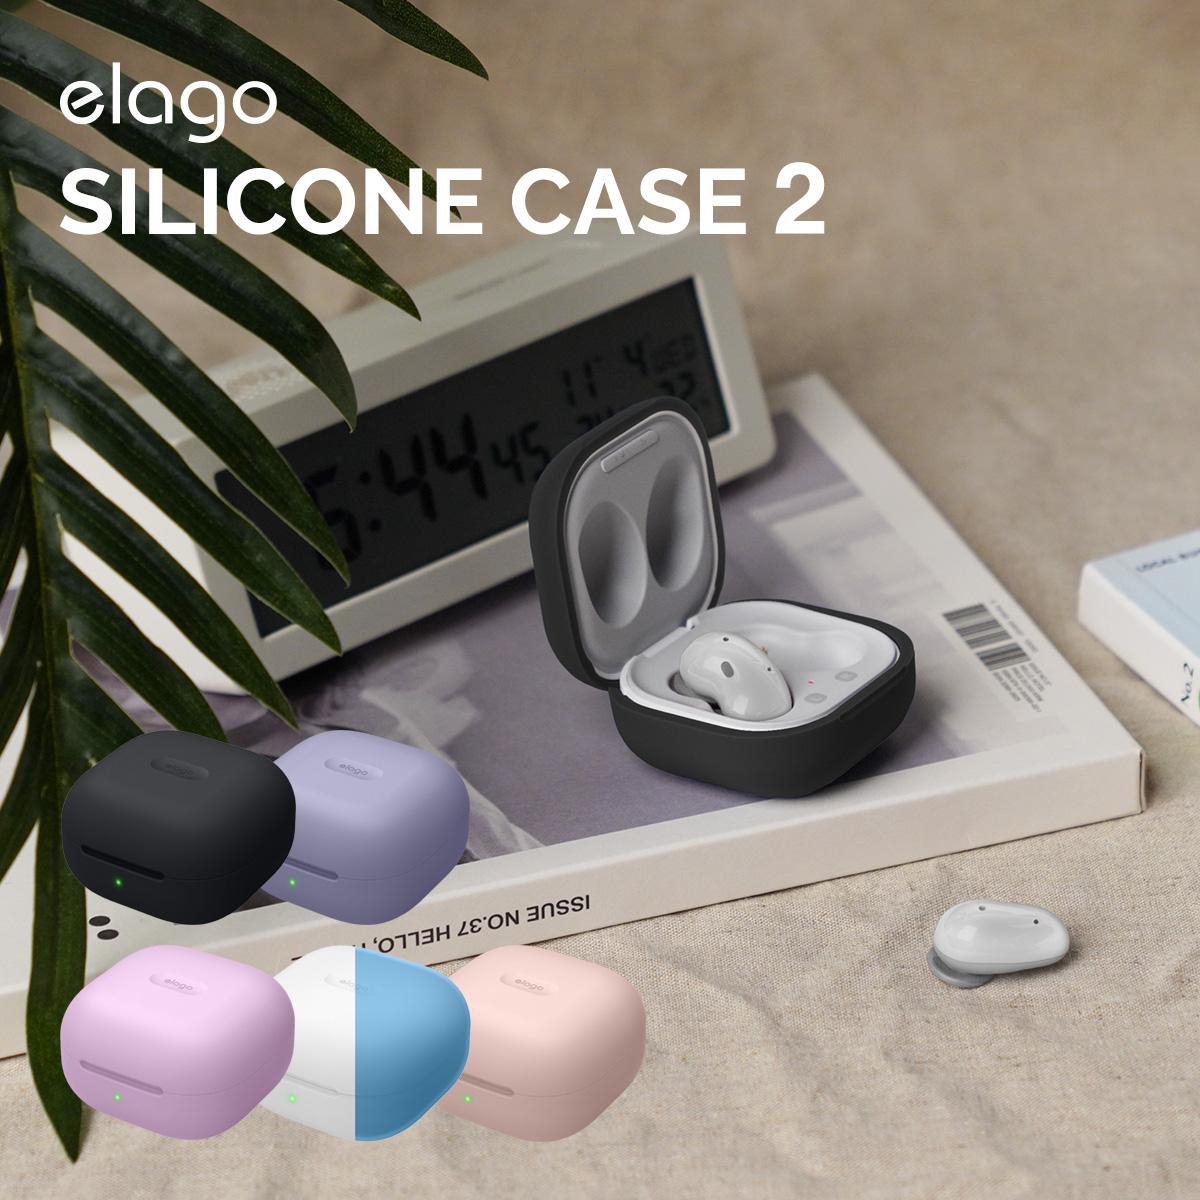 elago SILICONE CASE 2 for Galaxy Buds Live / Galaxy Buds Pro